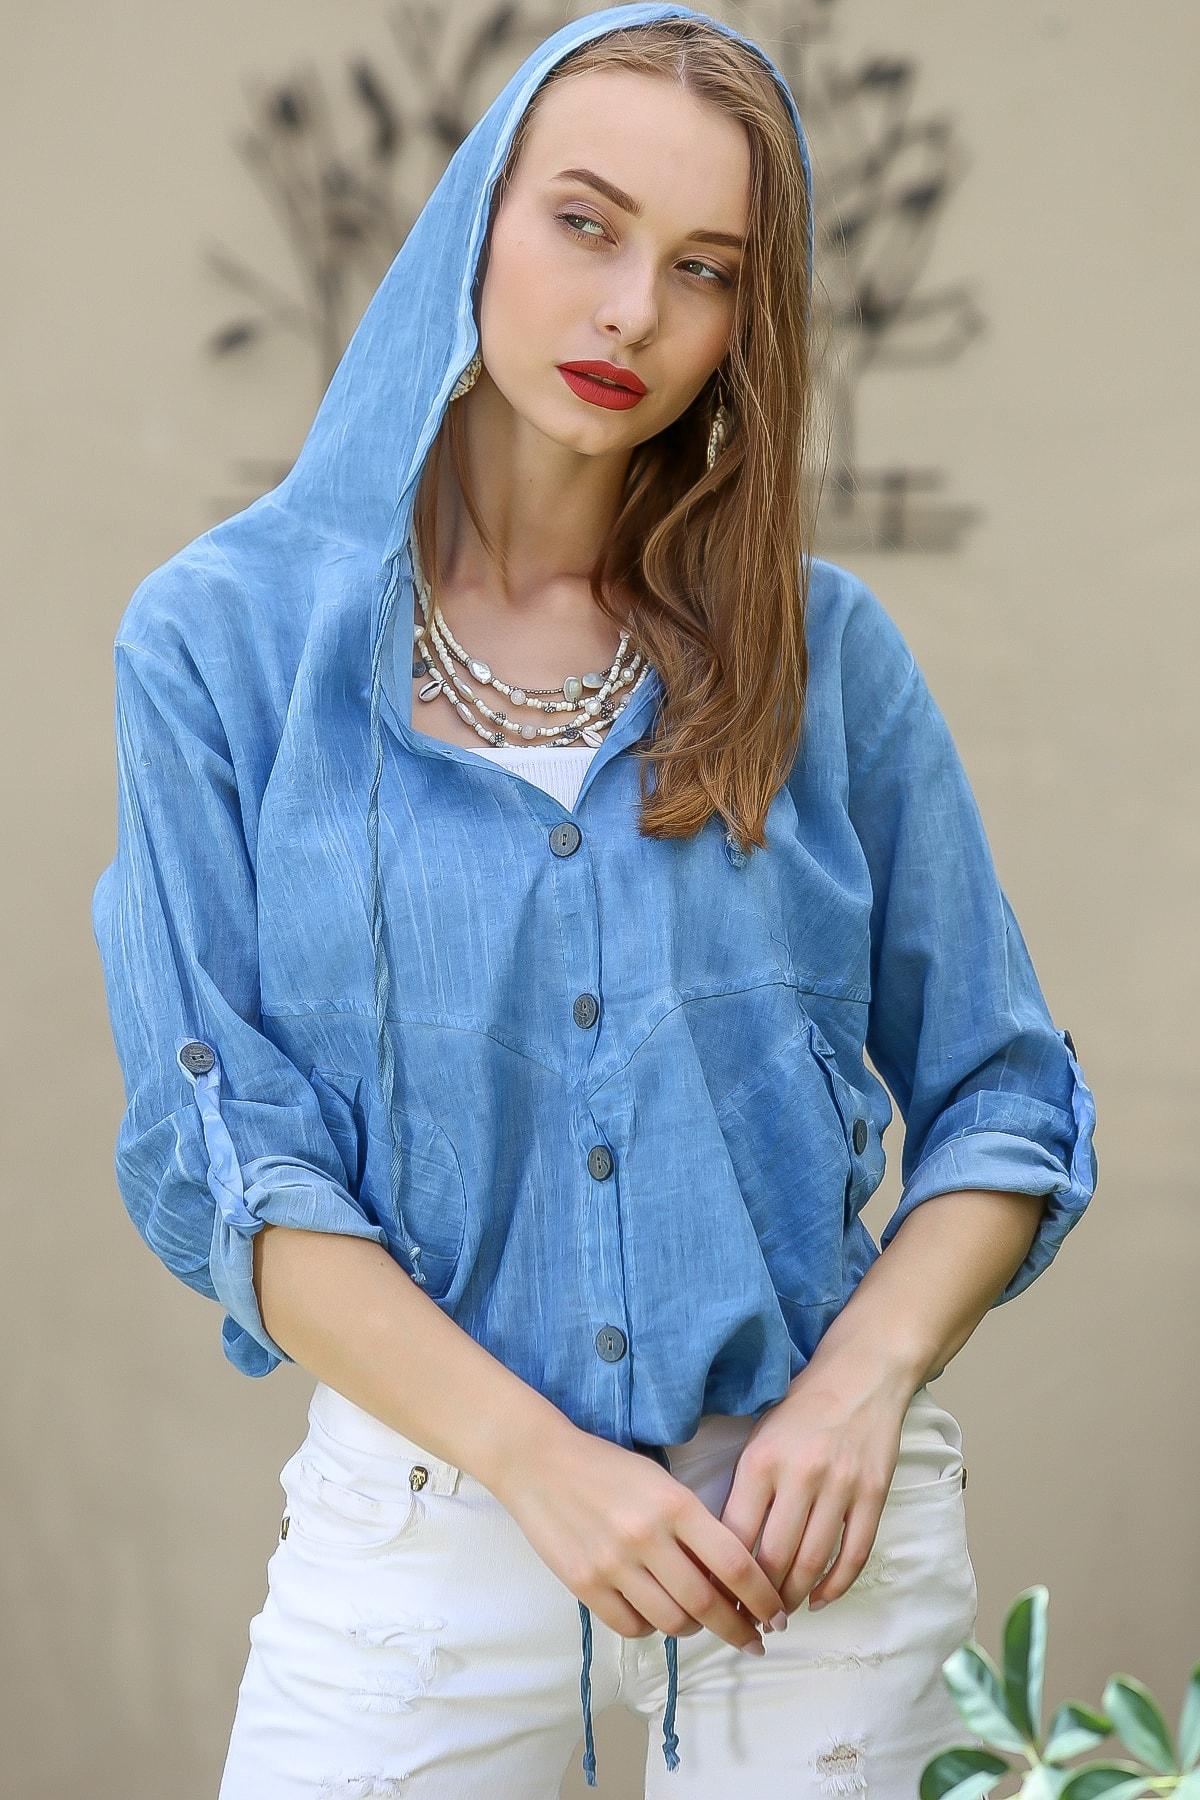 Chiccy Kadın Mavi Casual Kapüşonlu Düğmeli Beli Ip Detaylı Büzgülü Yıkmalı Ceket M10210100Ce99339 3